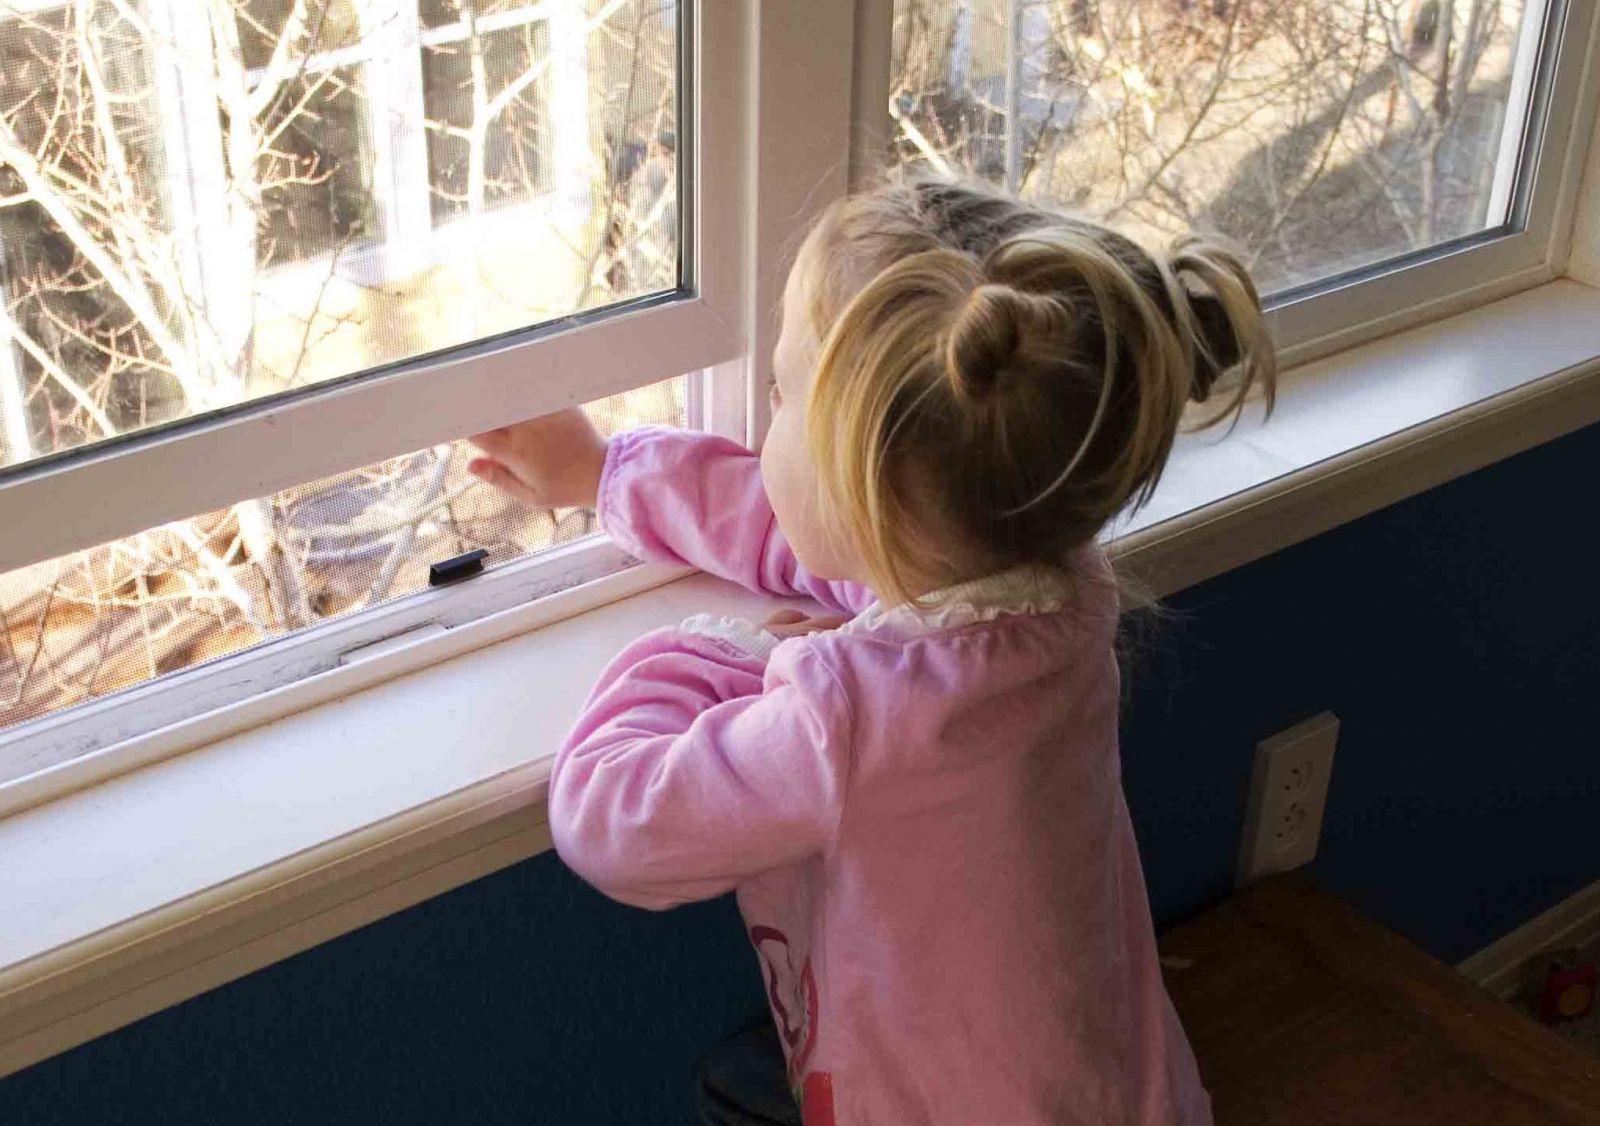 В Прокопьевске привлекли к ответственности супругов, ребенок которых выпал из окна